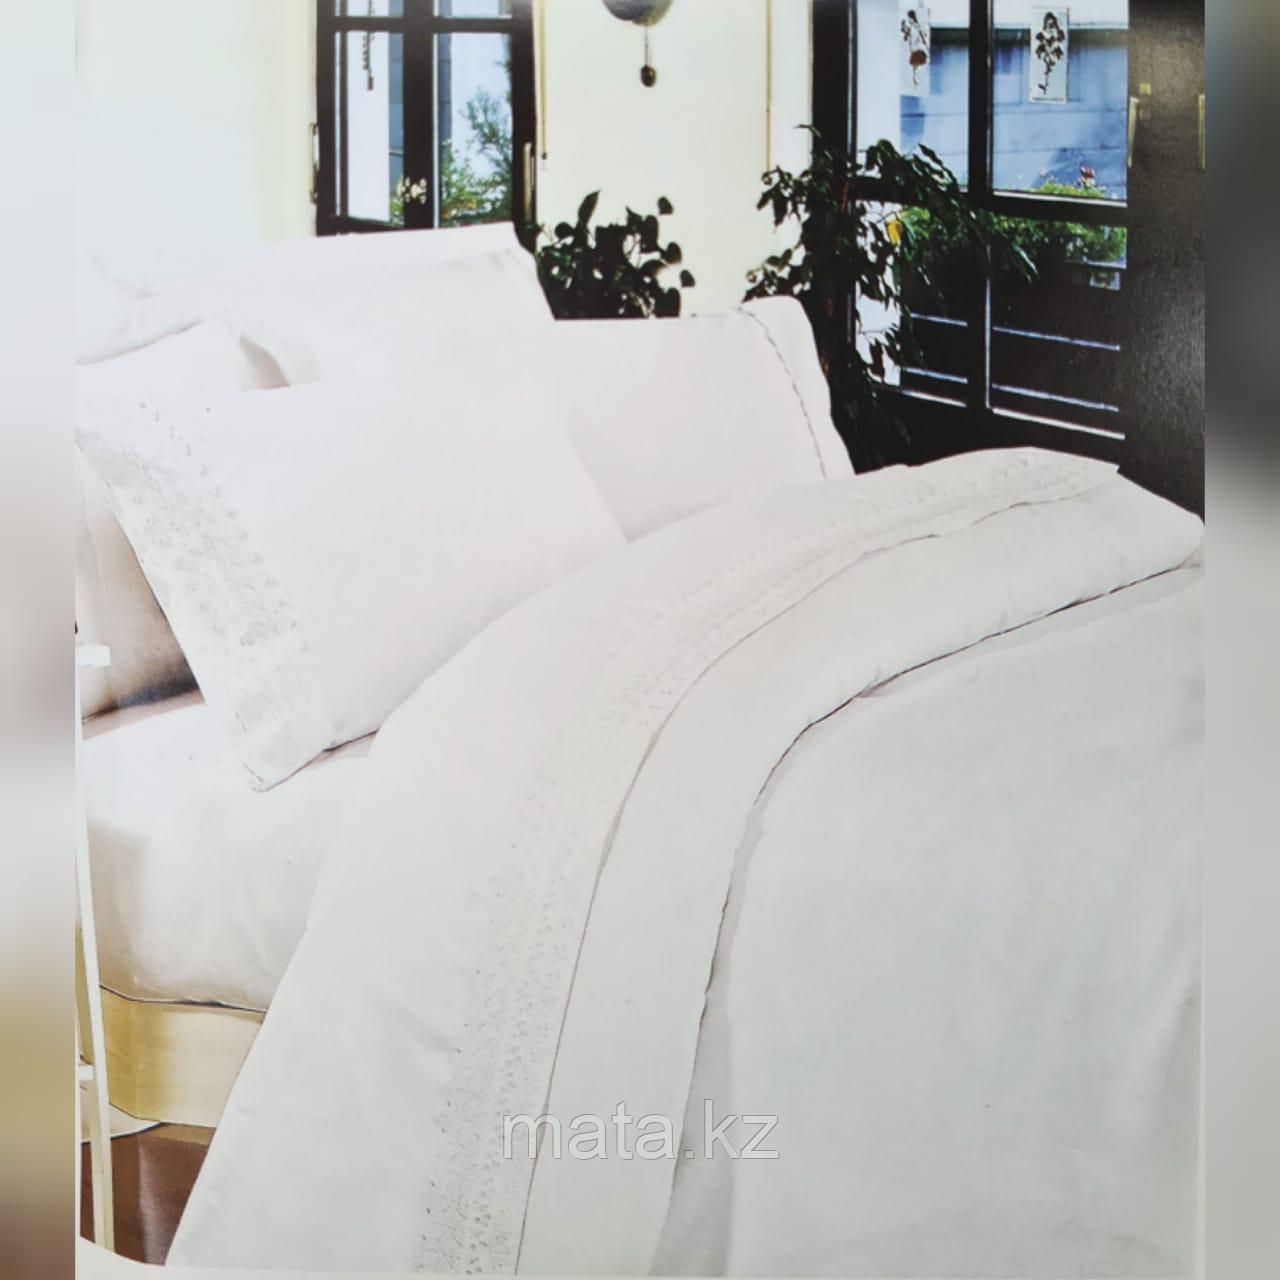 Комплект постельного белья Kartex евро 2,0 Пекин